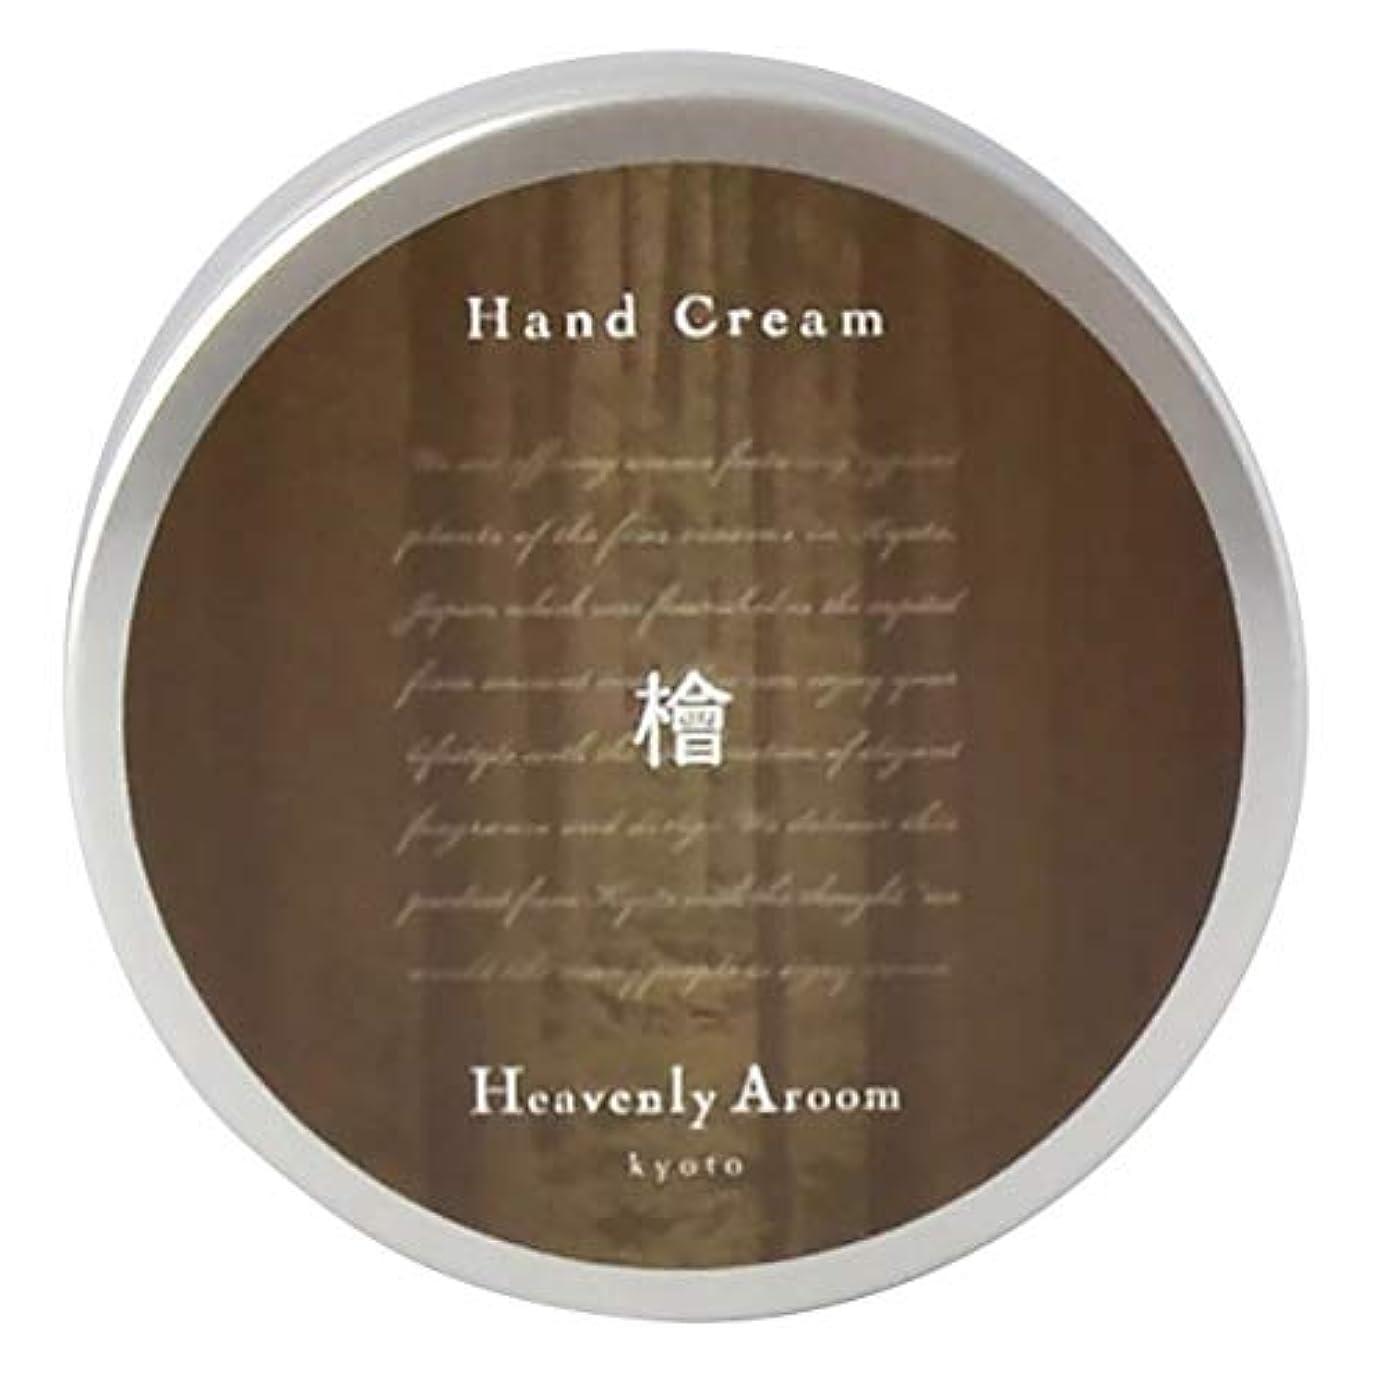 素晴らしい良い多くのキャンベラ学士Heavenly Aroom ハンドクリーム 檜 30g